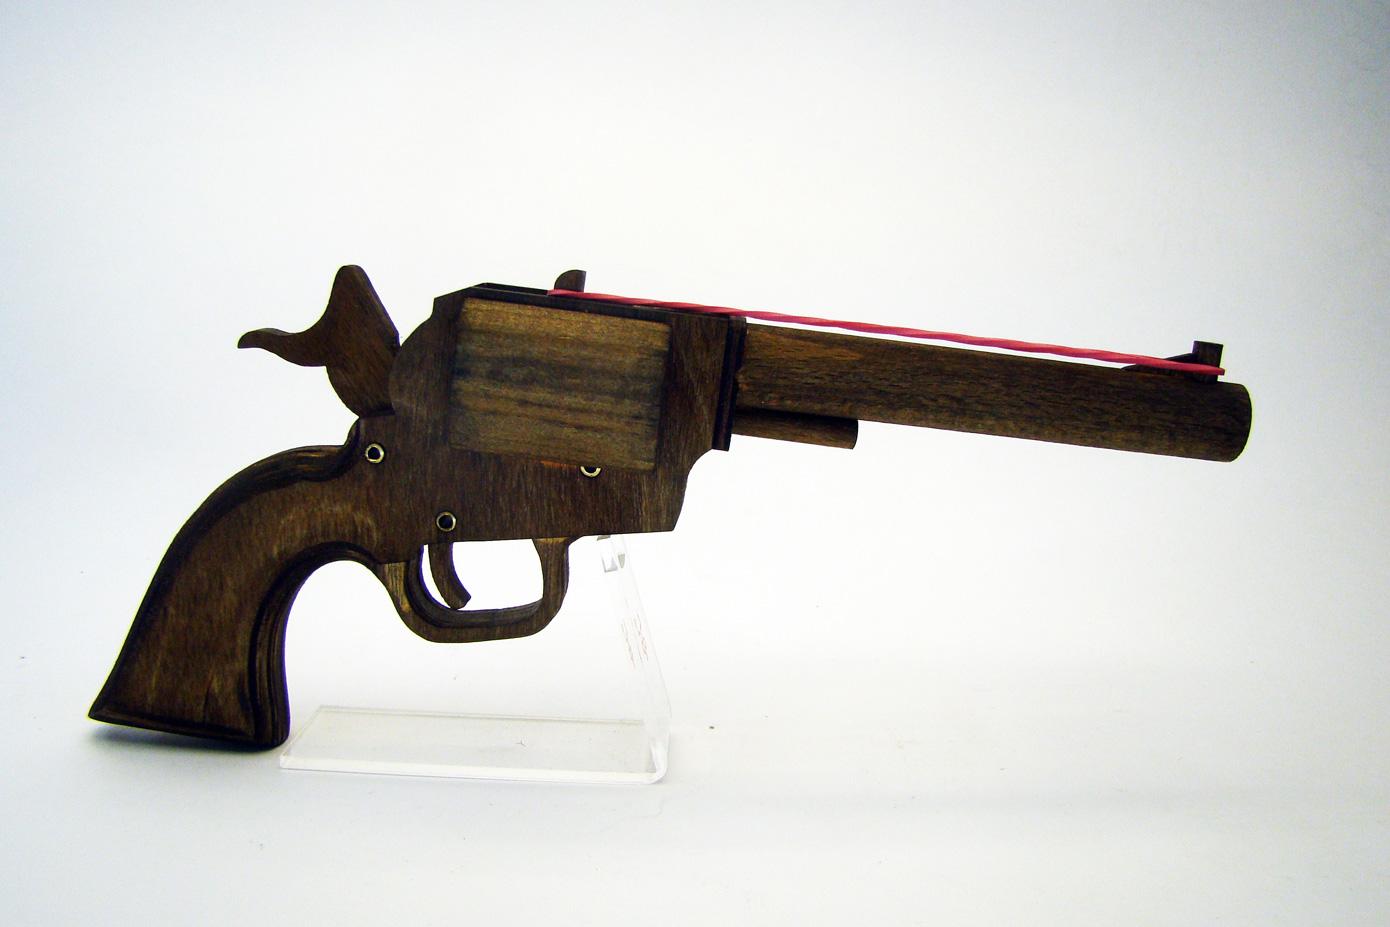 Colt PeaceMaker стреляет резинками изображение 2